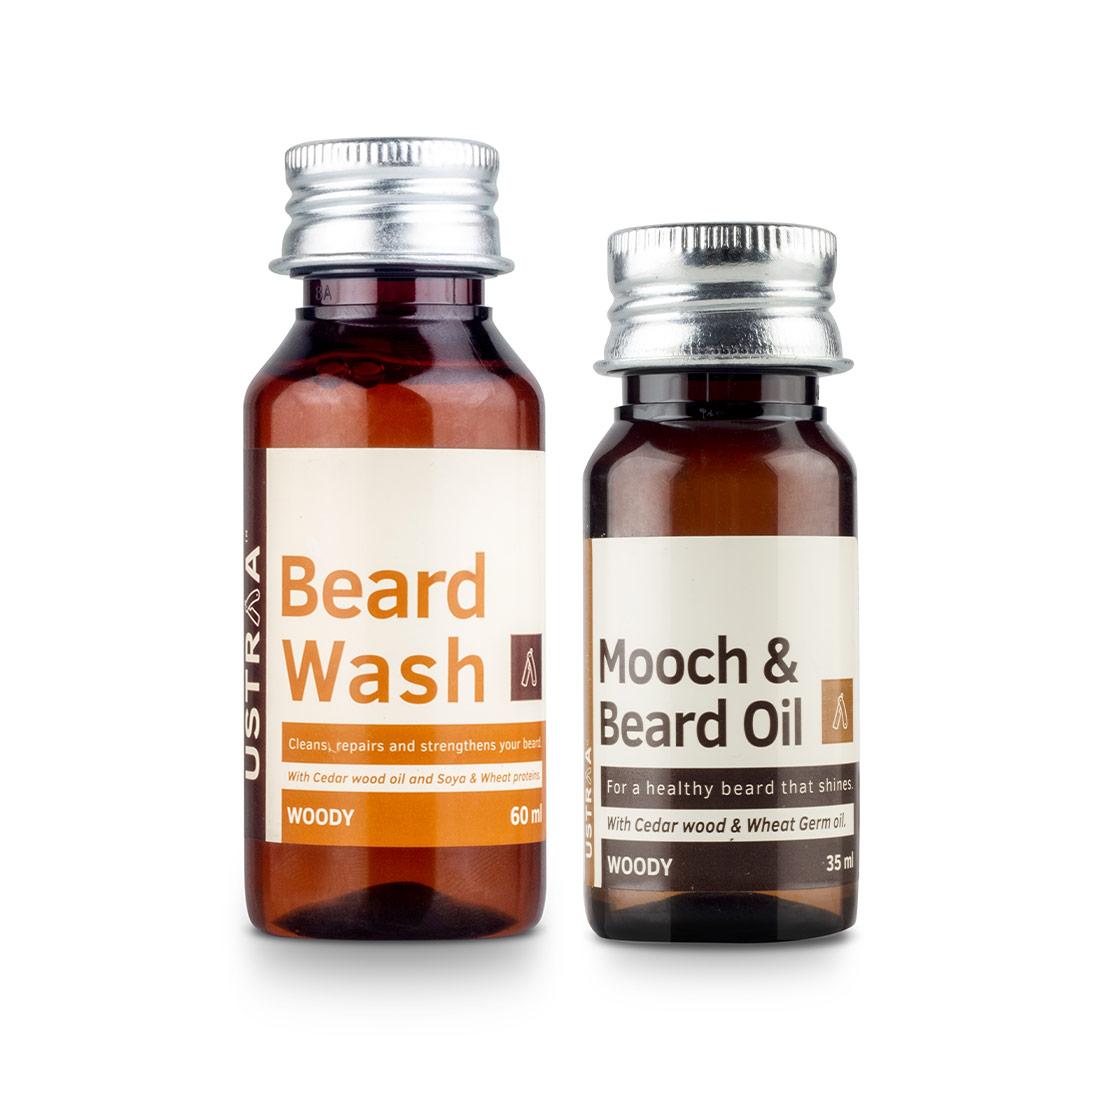 Ustraa | Ustraa Beard Oil Woody - 35ml and Beard Wash Woody - 60ml